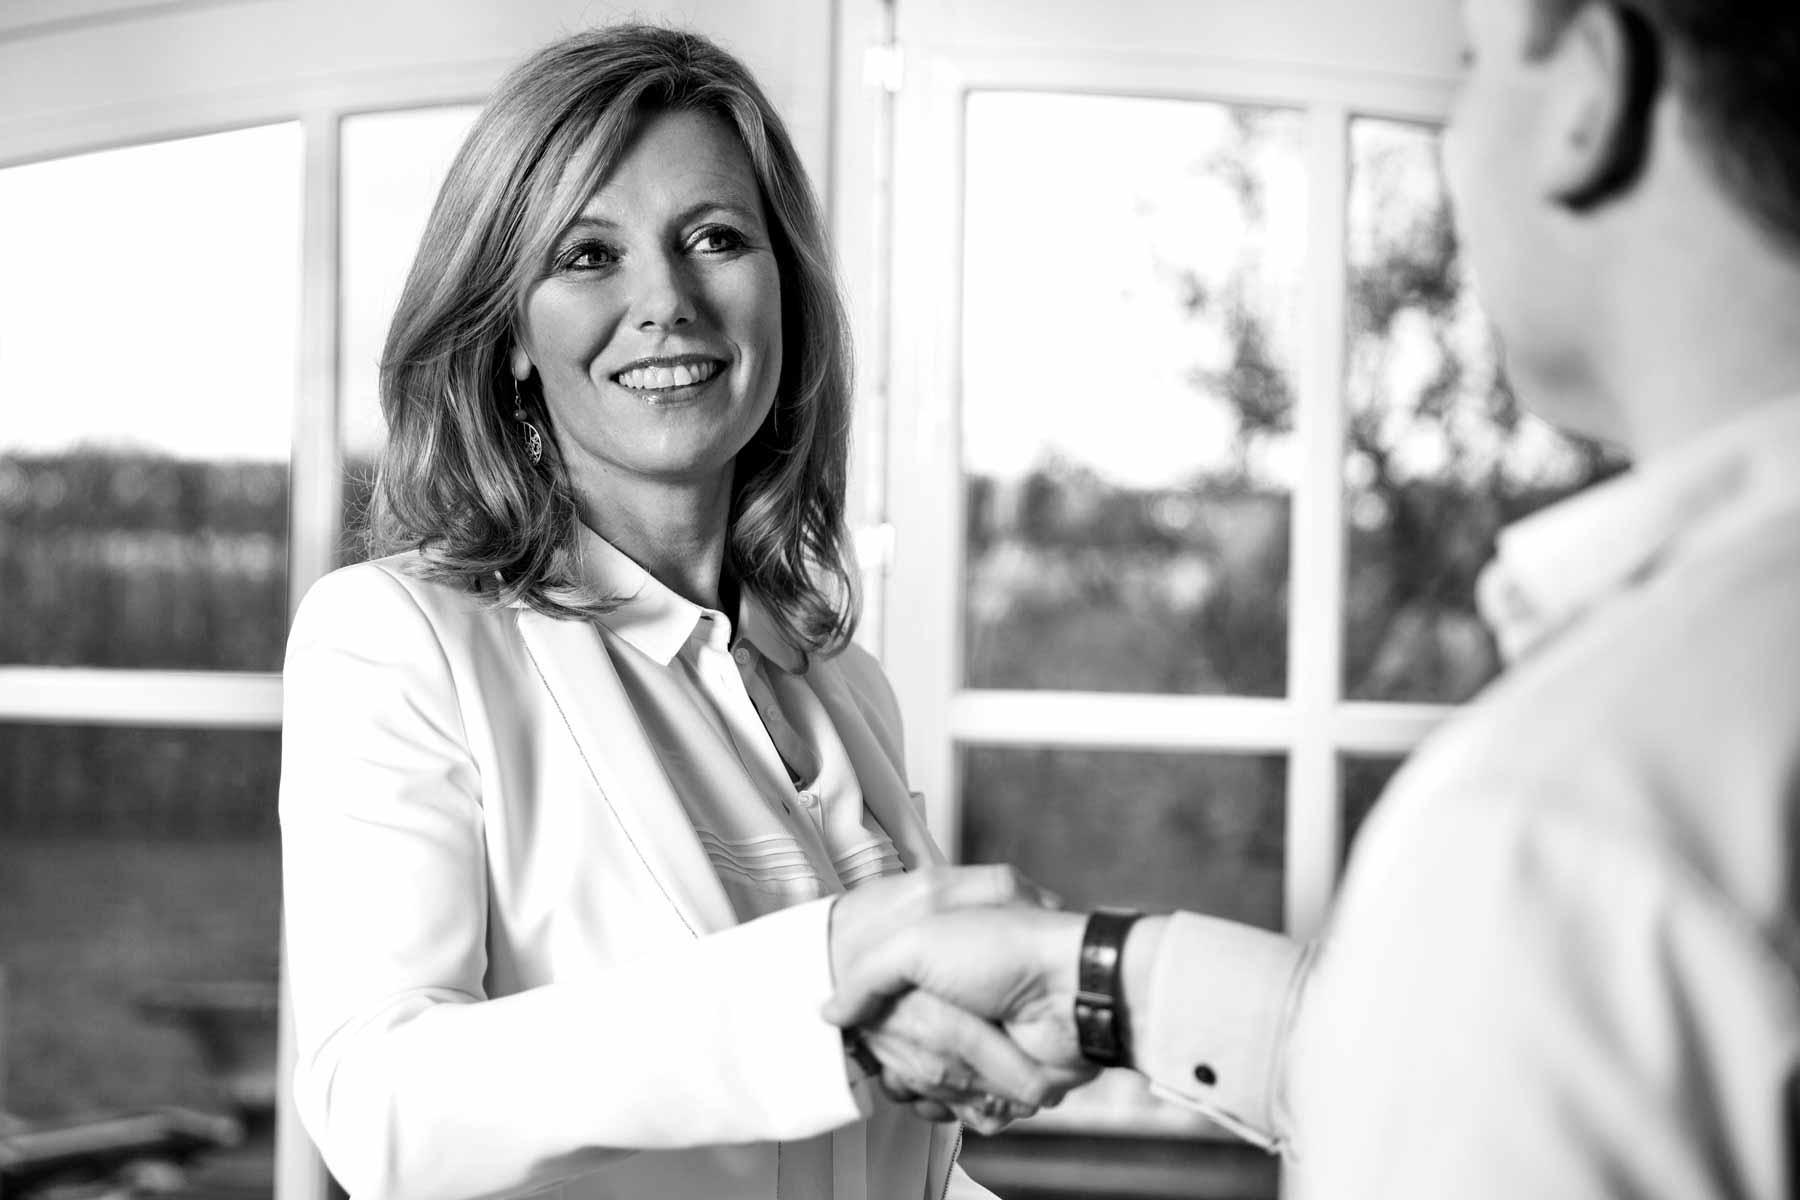 Uw droomwoning, Aankoopadvieshuis adviseert, onderhandelt en beoordeelt het koopcontract